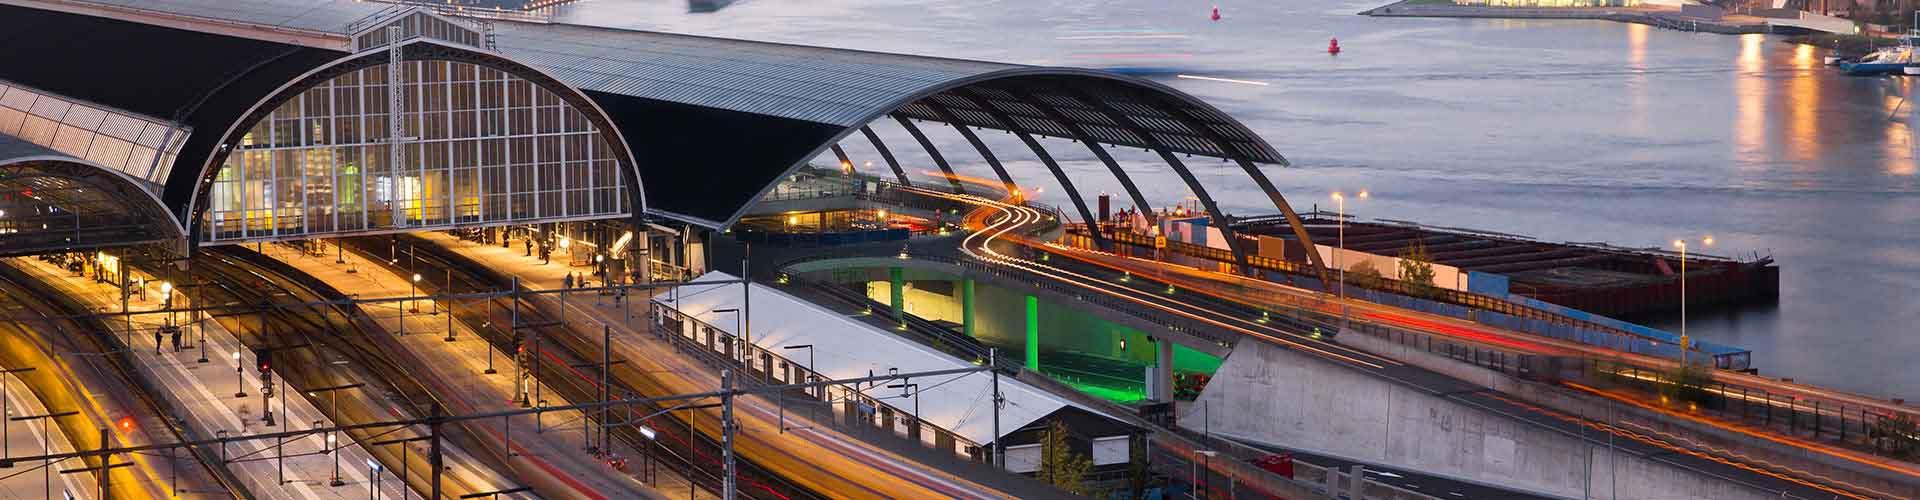 Amsterdam – Hostellit lähellä Amstel rautatieasema. Amsterdam -karttoja, valokuvia ja arvosteluja kaikista Amsterdam -hostelleista.